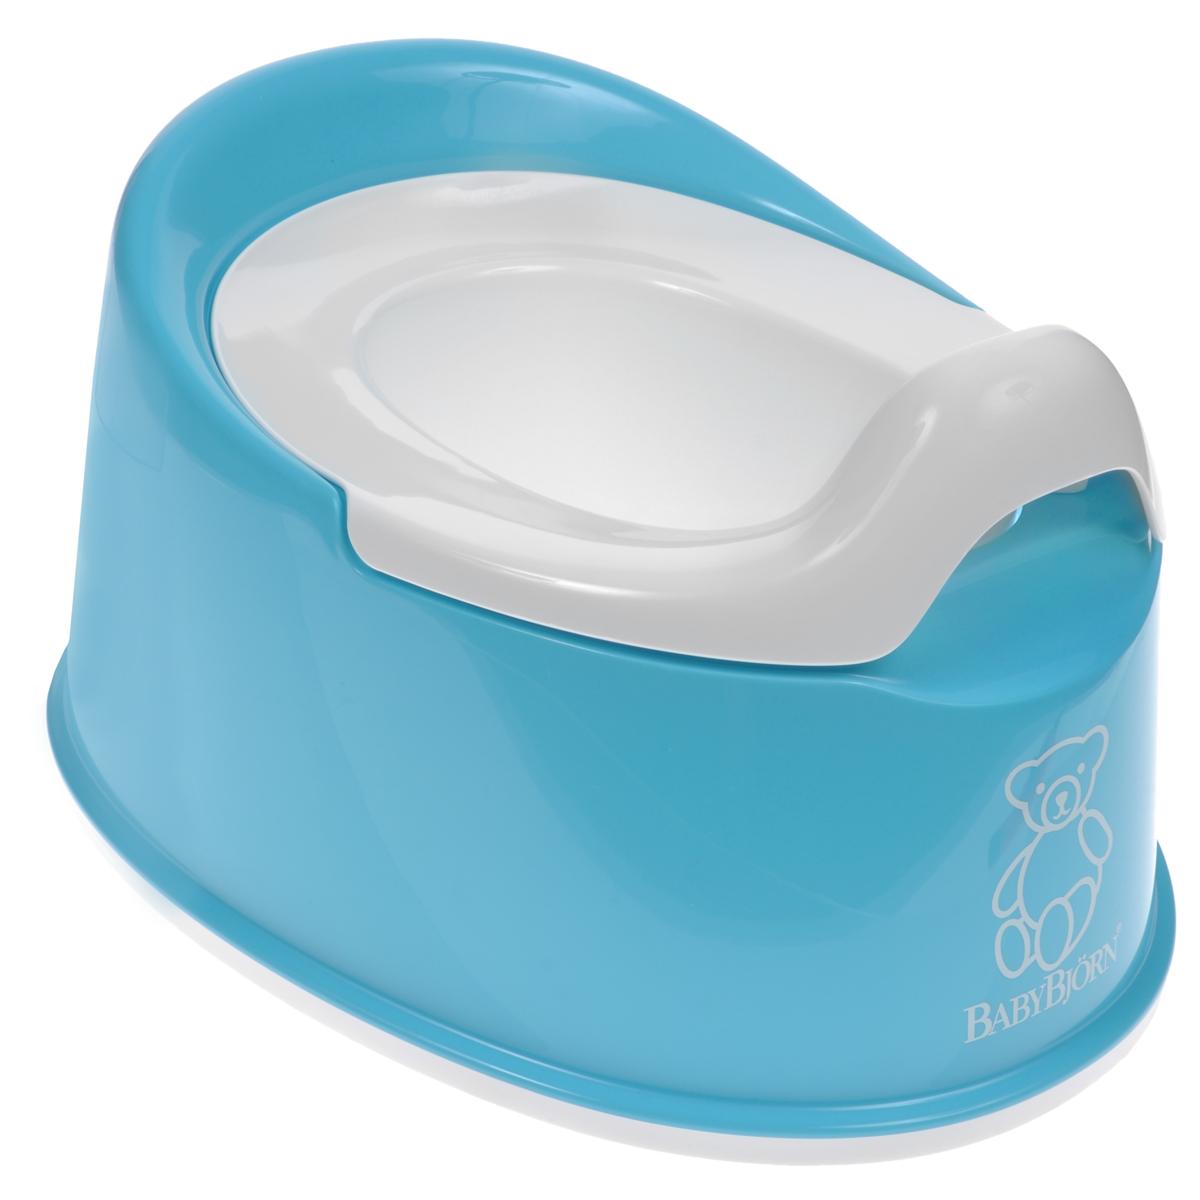 """Детский туалетный горшок BabyBjorn """"Smart"""" представляет собой превосходное сочетание функциональности и продуманного дизайна. Несмотря на маленькие размеры, он устойчив, его легко содержать в чистоте, и поэтому он идеально подходит даже для небольшого помещения. Он занимает мало места и его легко брать с собой. Кроме того, благодаря эргономичному дизайну и мягким контурам, ребенку приятно и удобно им пользоваться. Внутренняя часть горшка легко вынимается и моется отдельно. Горшок выполнен из пластика, поддающегося утилизации и не содержащего ПВХ. Устойчиво стоит на месте благодаря резиновым планкам. Рекомендуемый возраст: от 6 месяцев до 4 лет."""